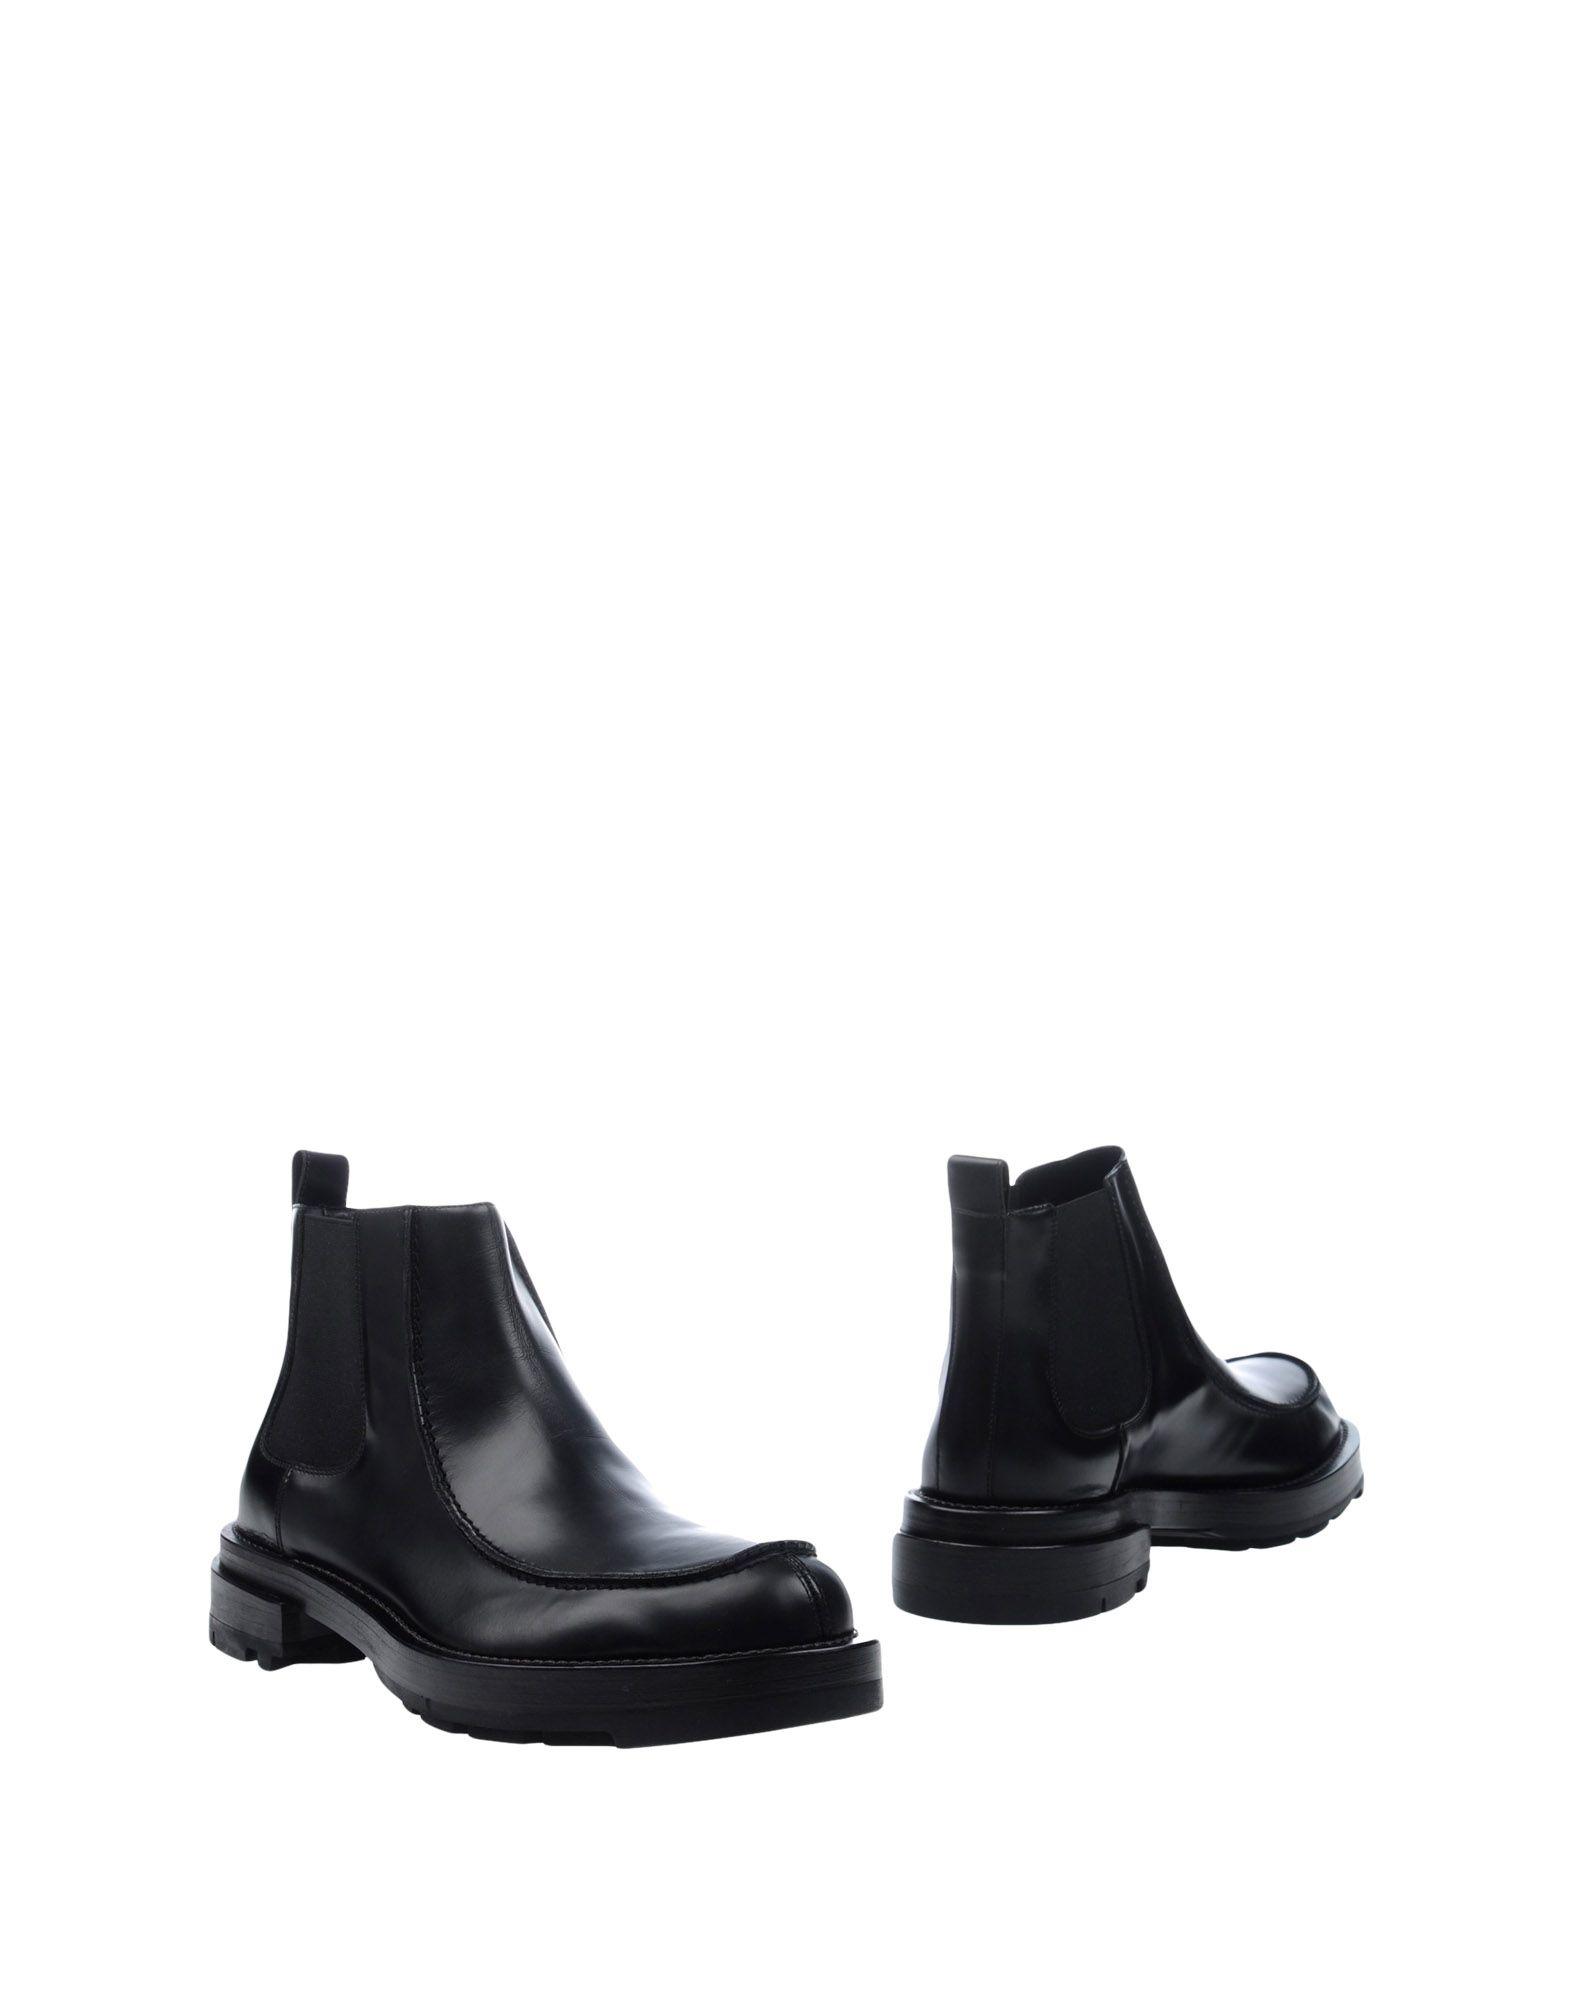 MARNI Полусапоги и высокие ботинки купить футбольную форму челси торрес